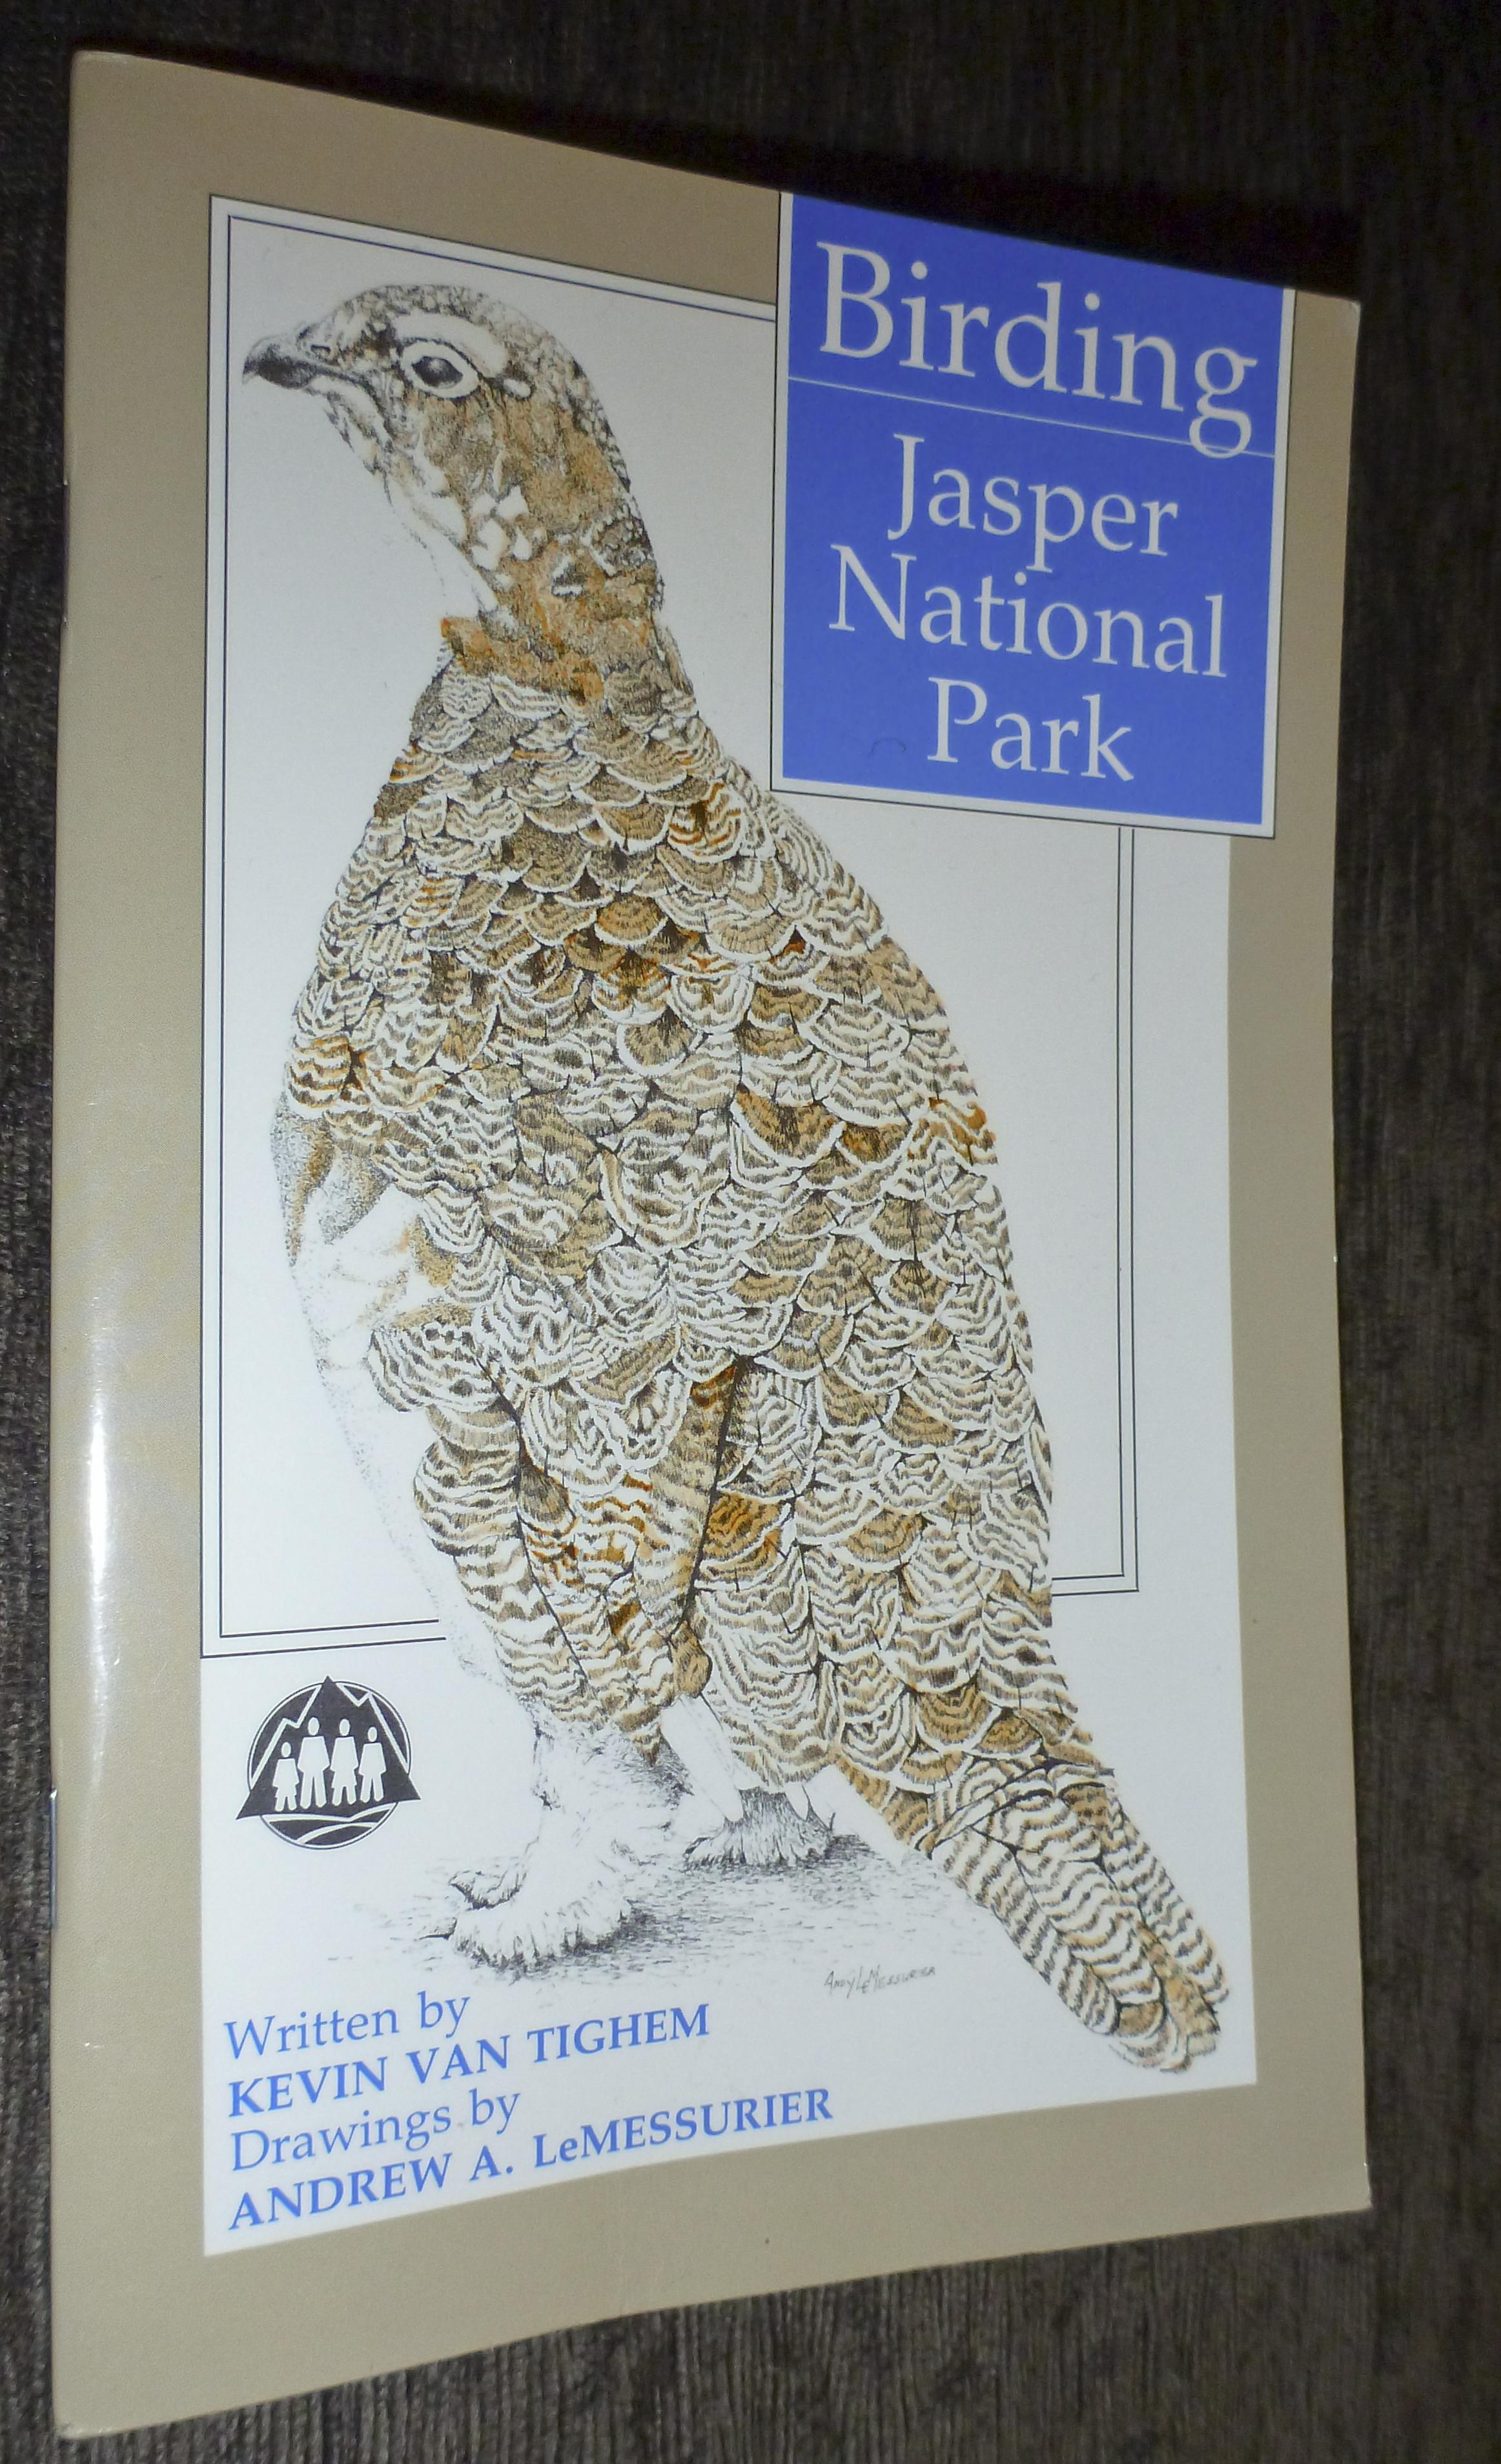 Birding Jasper National Park